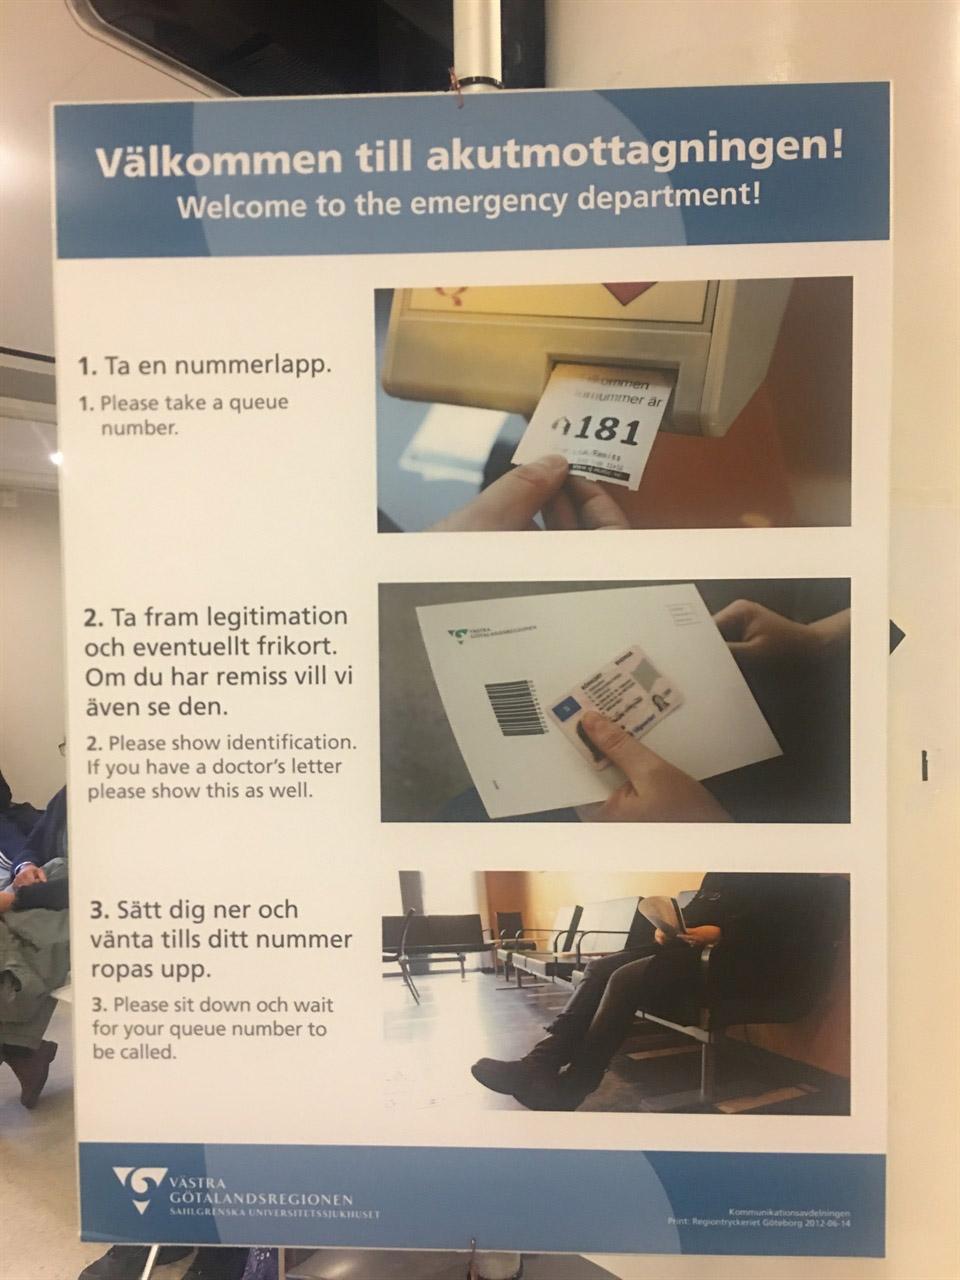 스웨덴 묀달Molndal에 위치한 종합병원 응급실 이용 안내문. 번호표를 뽑고 신분증(의사 소견서가 있다면 지참)을 들고서 이름이 호명될 때까지 기다려야 한다.